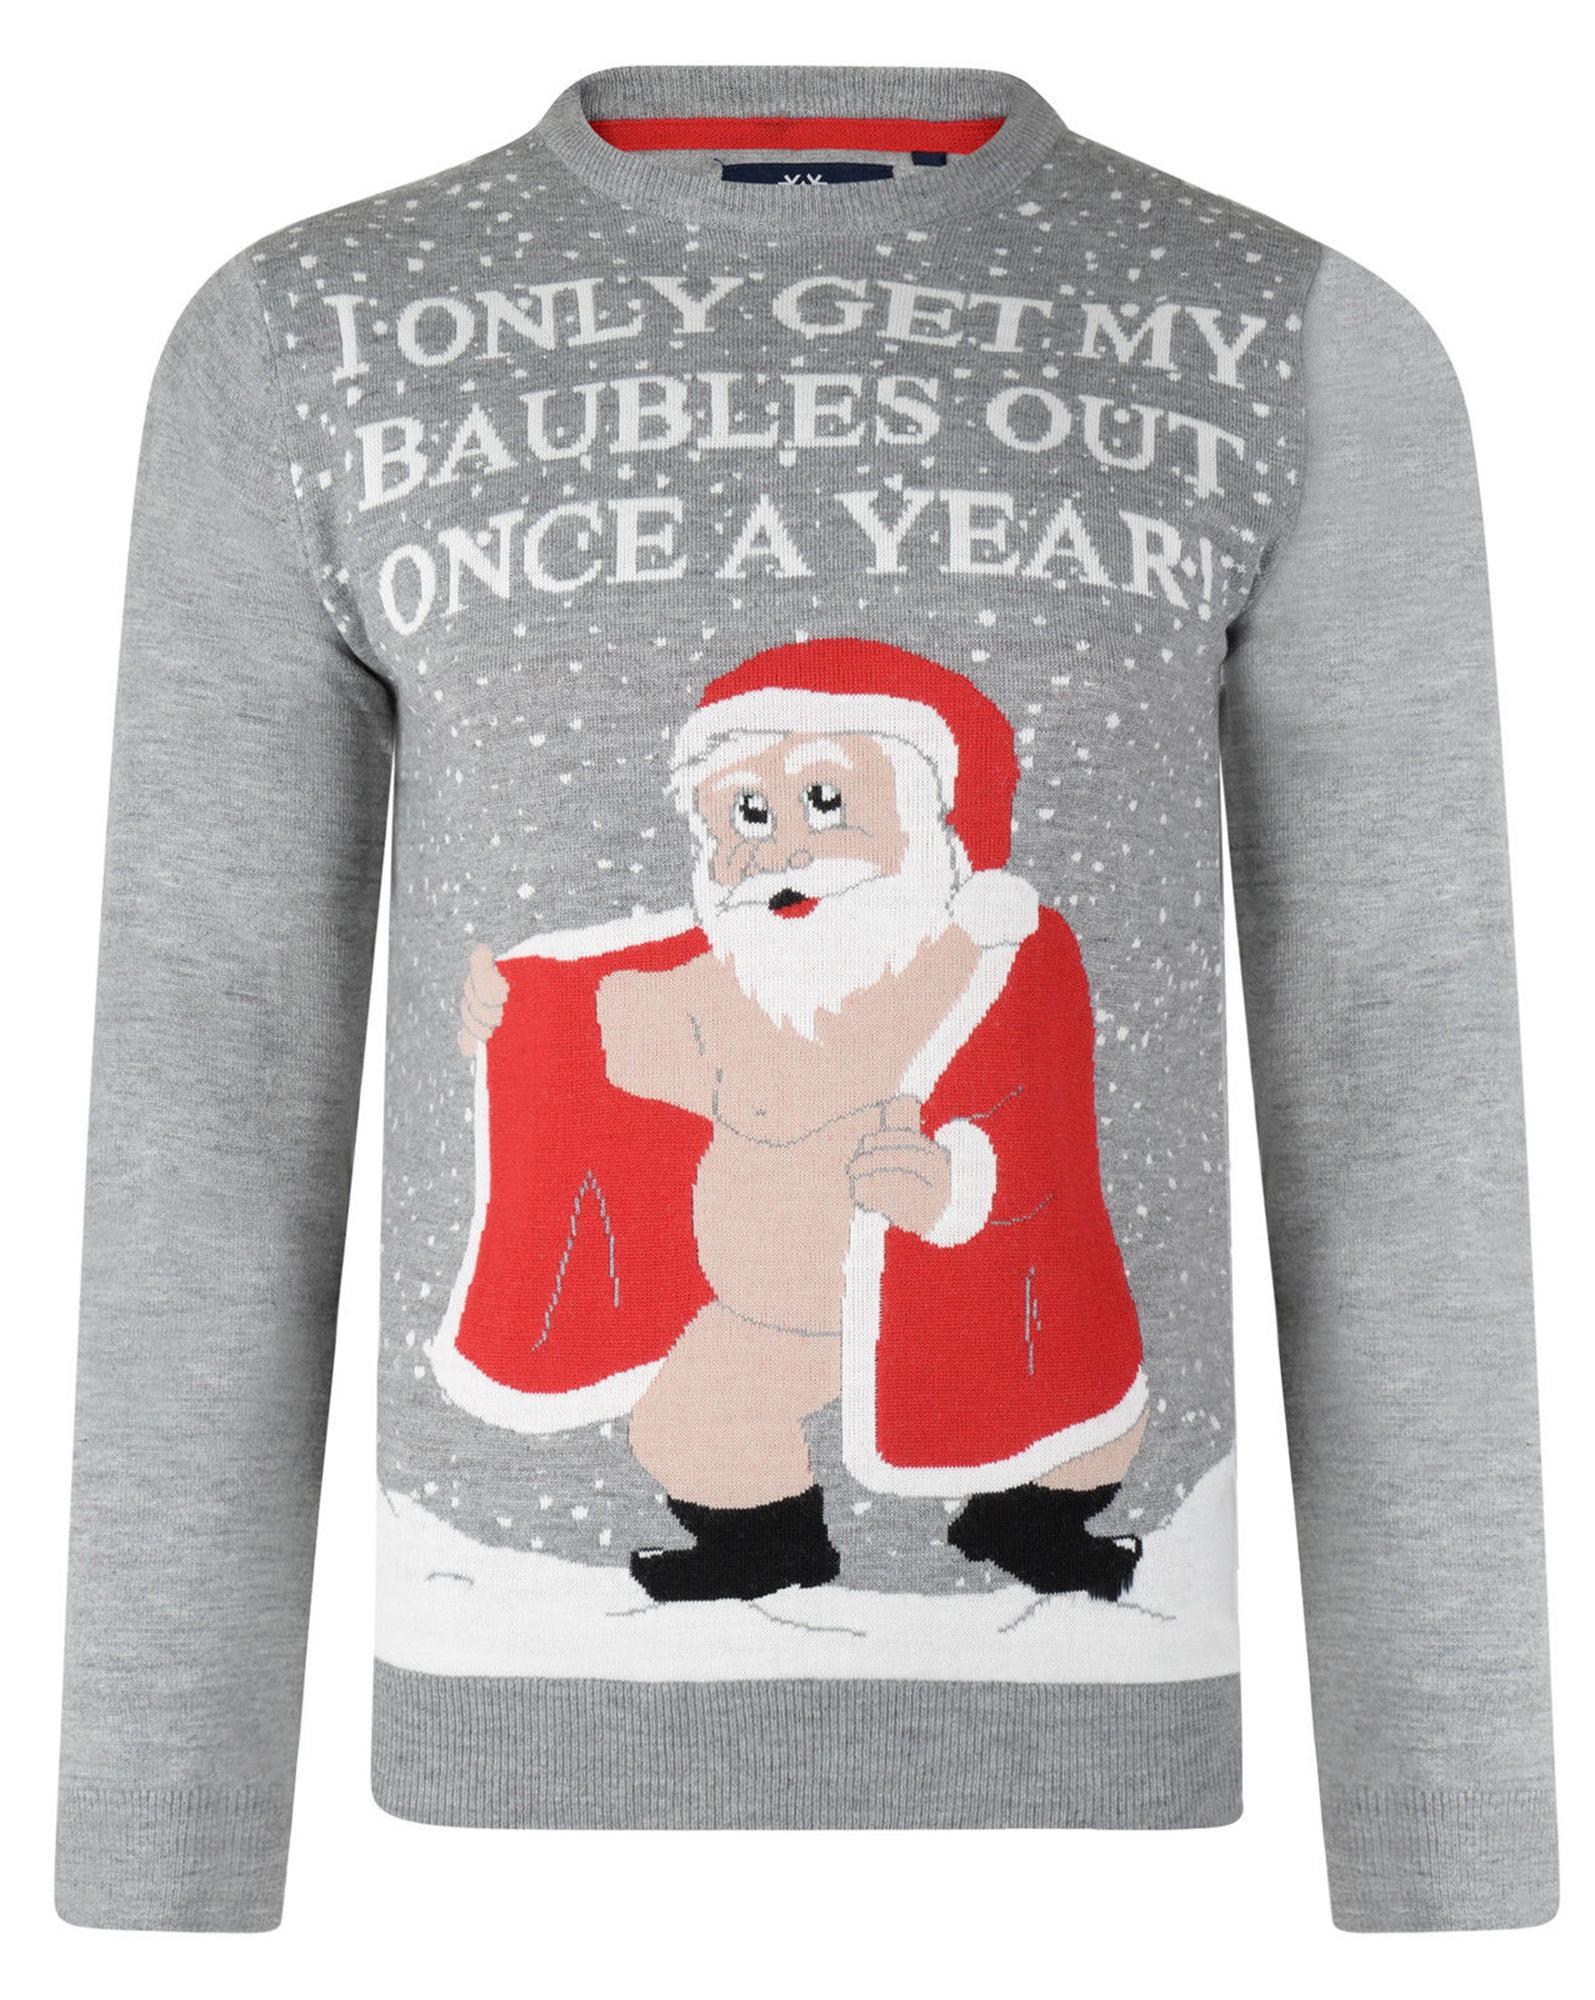 Christmas Jumpers Navy Novelty Funny Xmas Knit Santa Winner Chicken Dinner